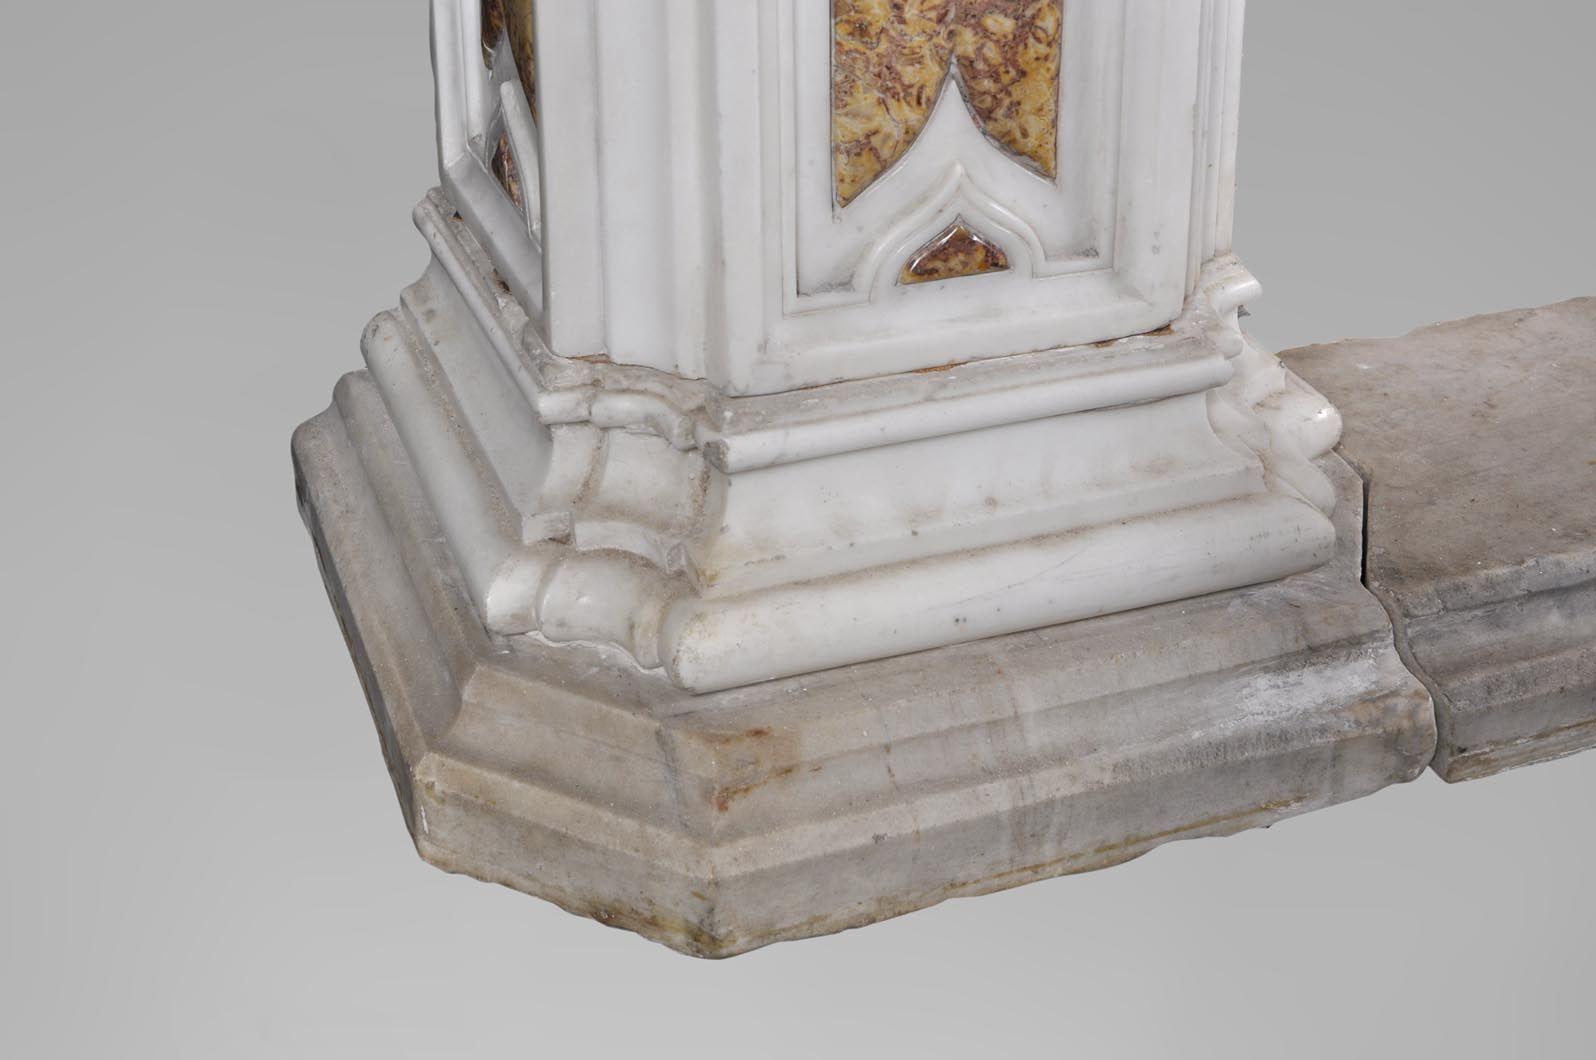 Великолепный старинный камин конца 18 века, изготовленный из скульптурного мрамора и мрамора брокатель, украшенный ангелочком.